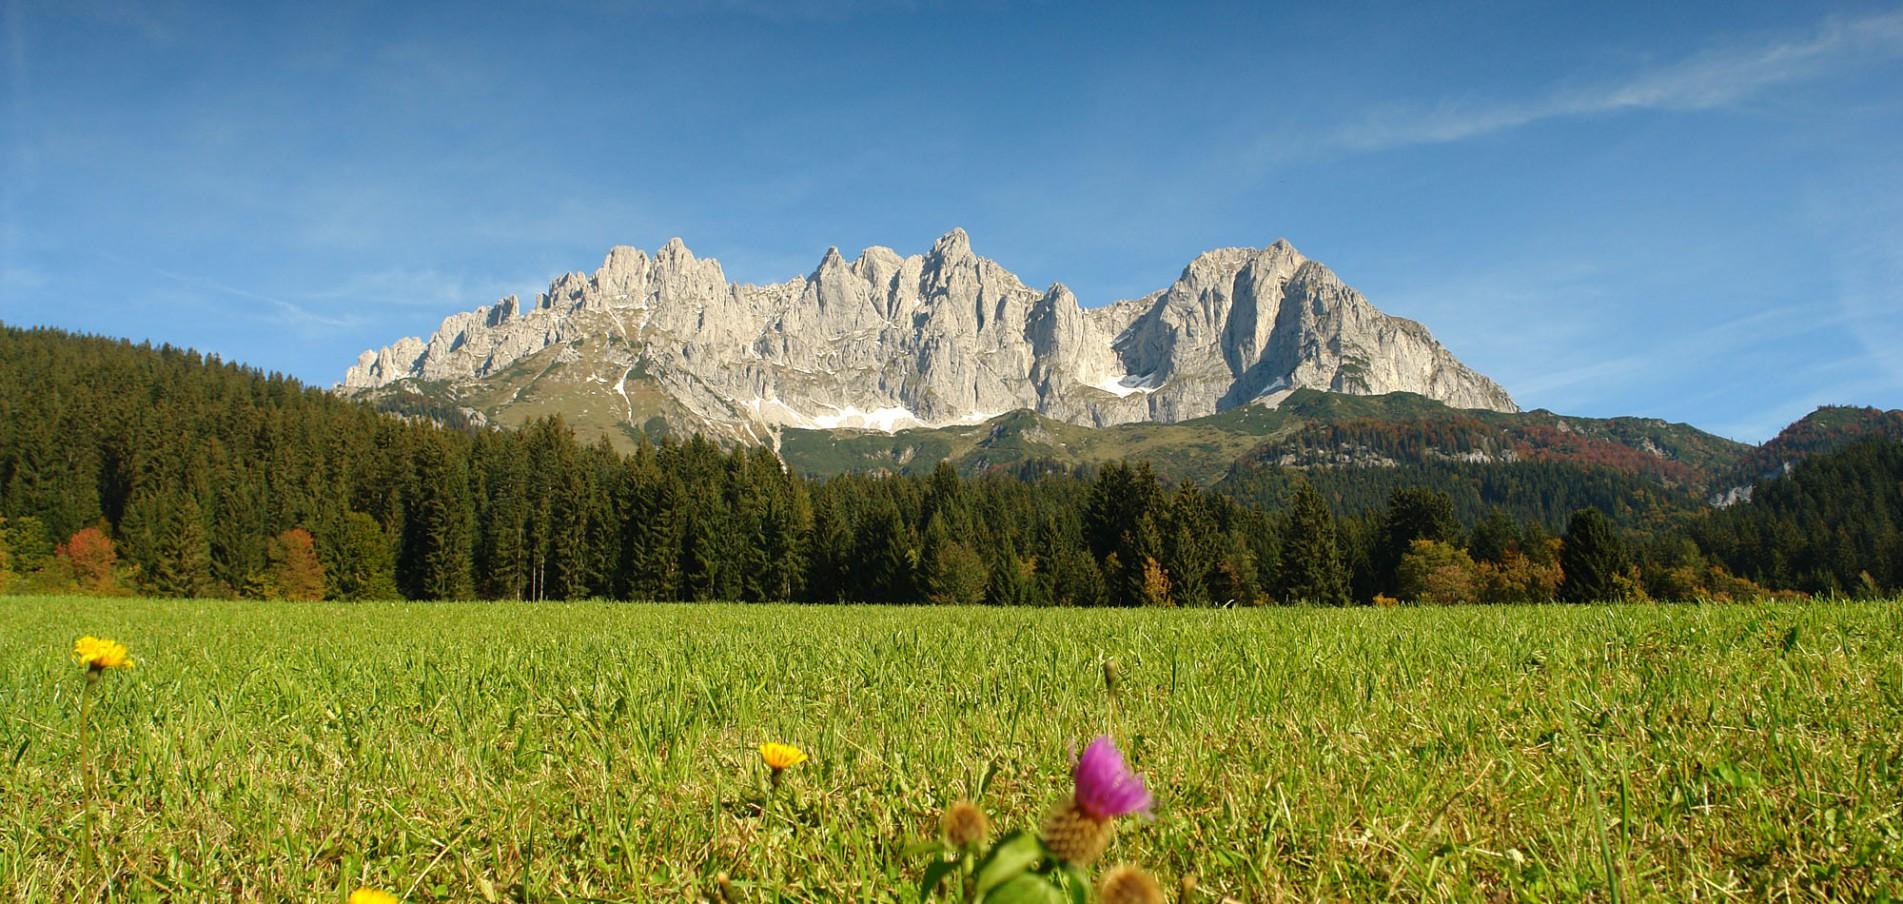 Willkommen in Tirol ... im Herzen der Alpen!